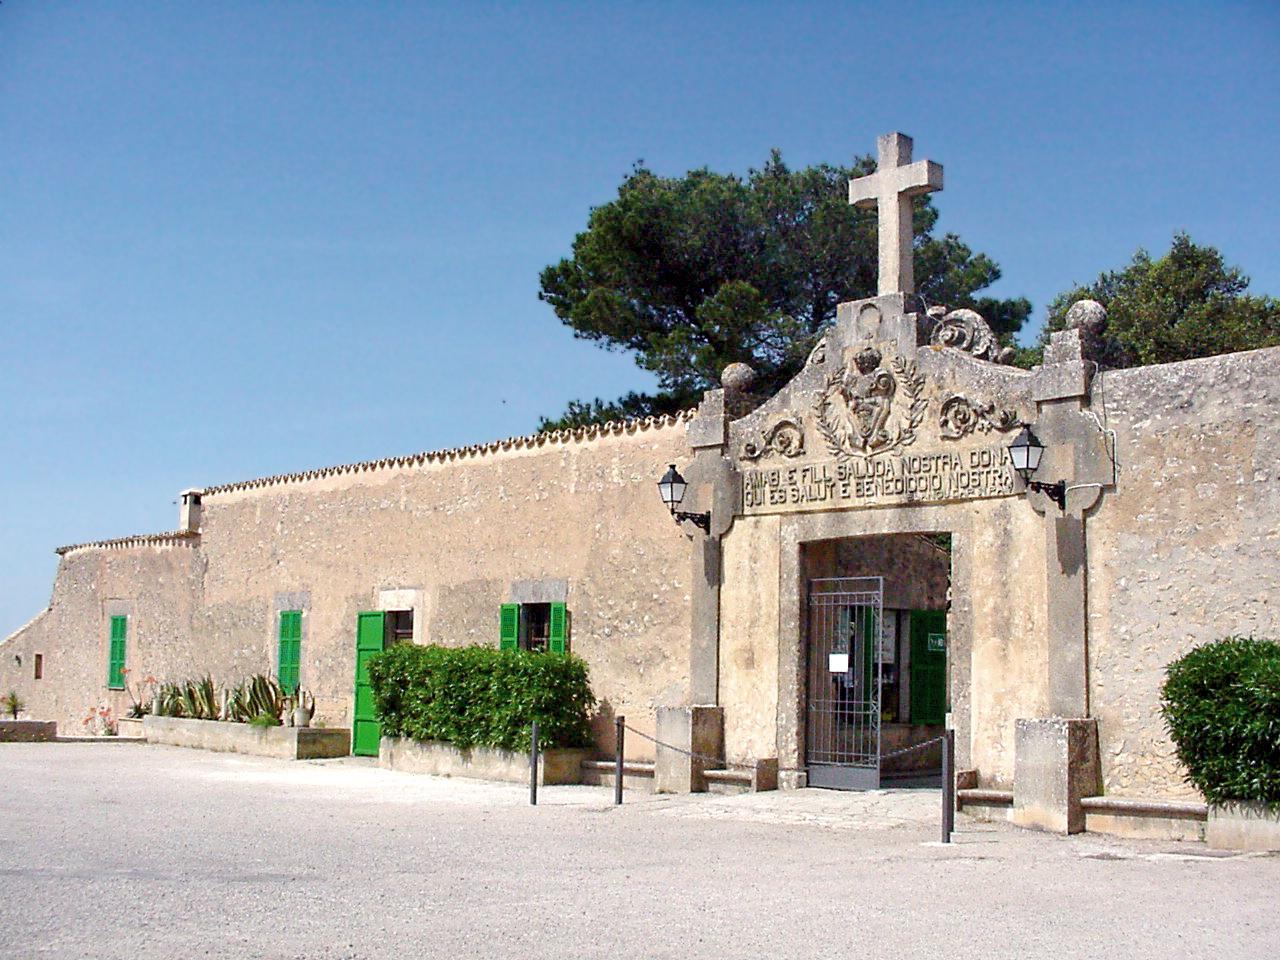 Depiction of Santuario de Cura